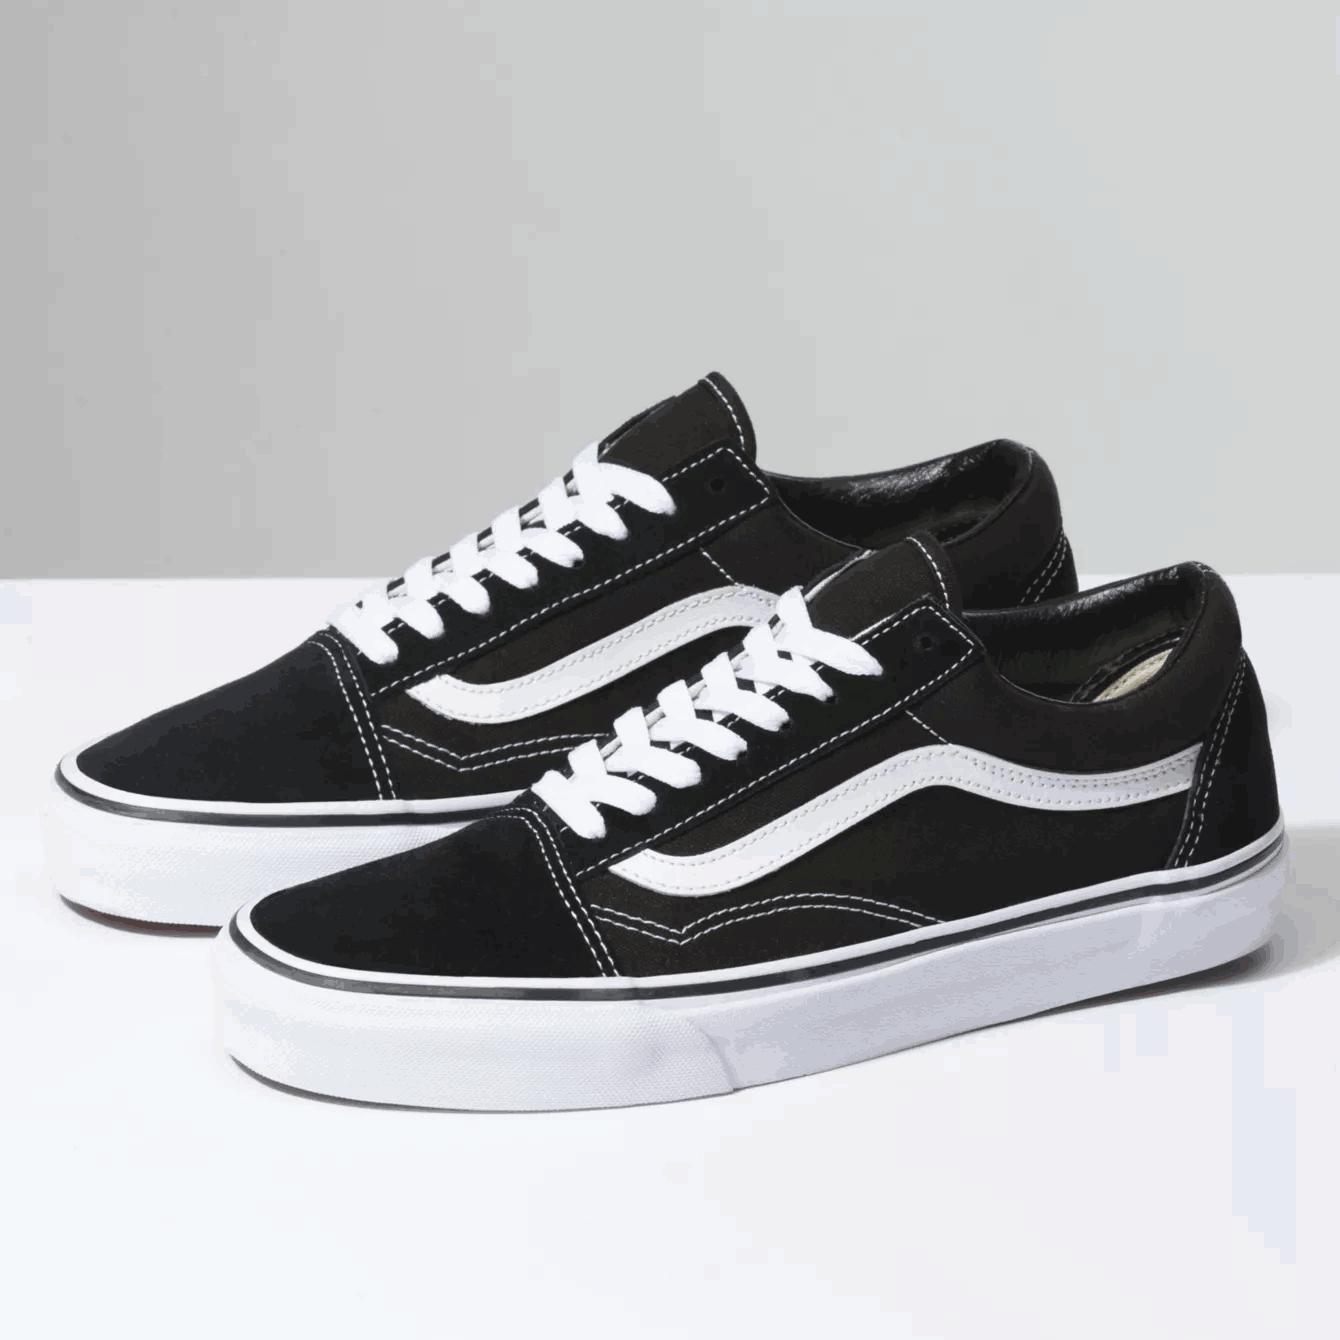 Jenis Sepatu Vans Old Skool sepatu vans - 16 Jenis Sepatu Vans Terbaik yang Wajib Kamu Ketahui